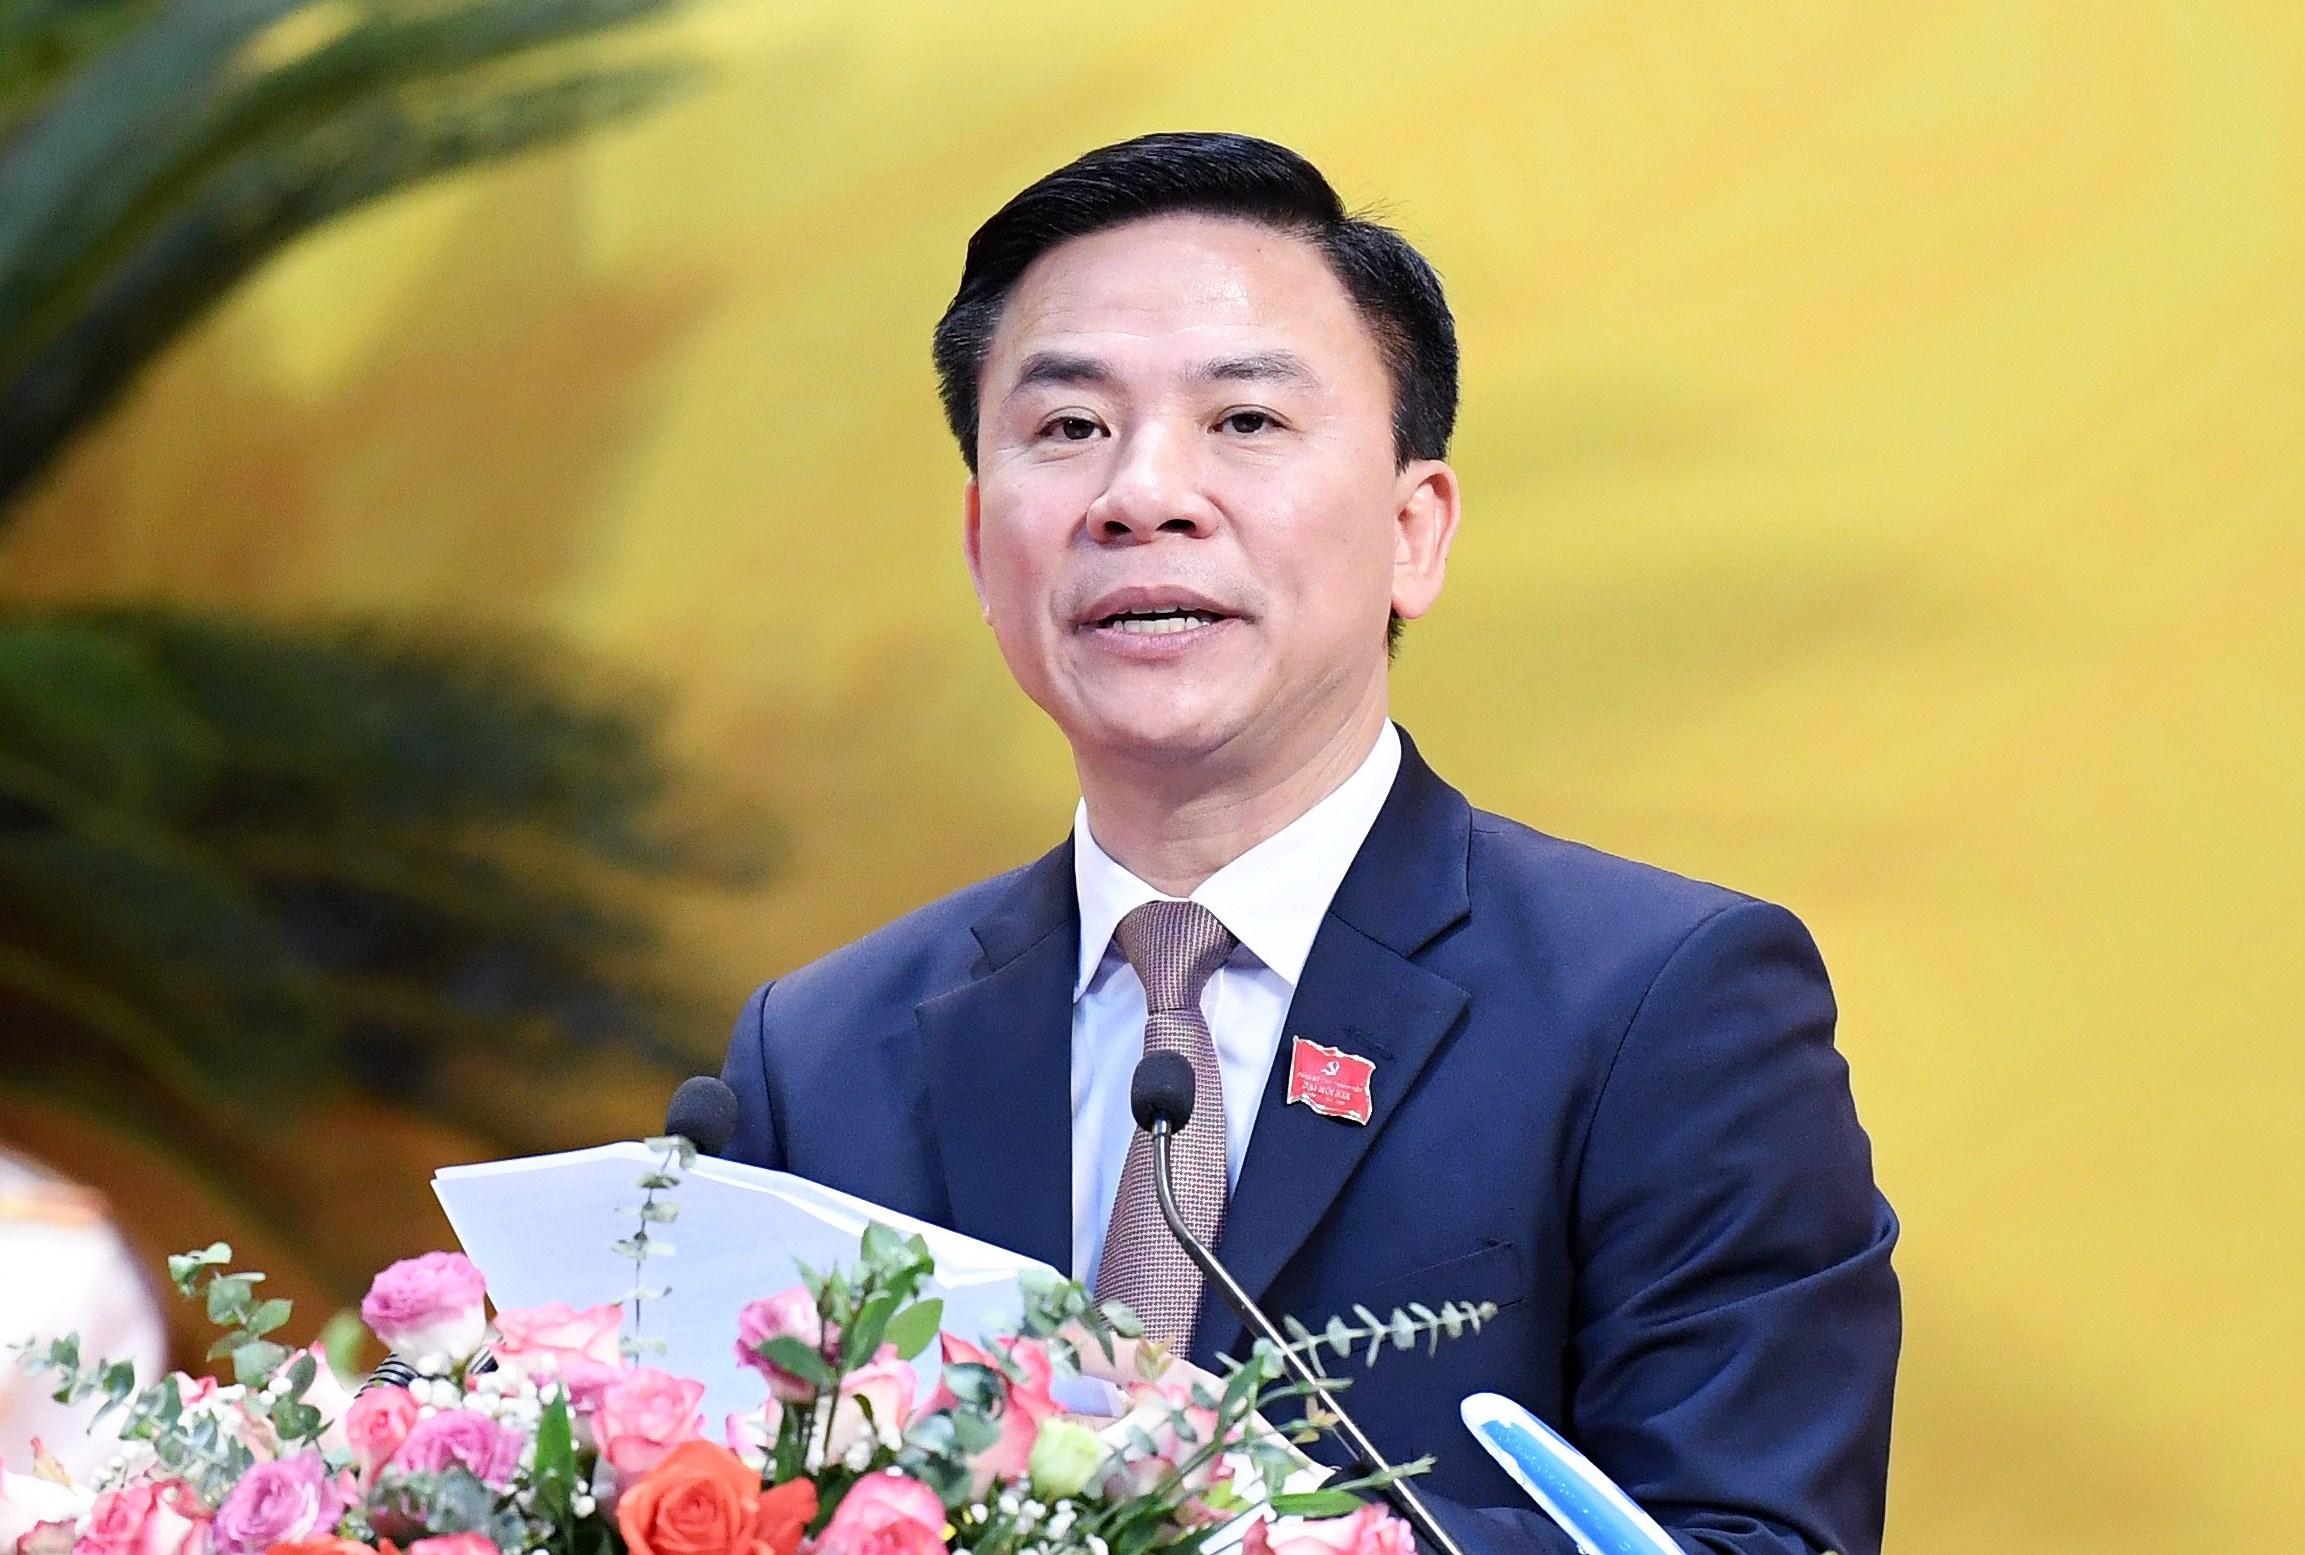 Ông Đỗ Trọng Hưng được bầu làm Bí thư Tỉnh ủy Thanh Hóa, nhiệm kỳ 2020-2025